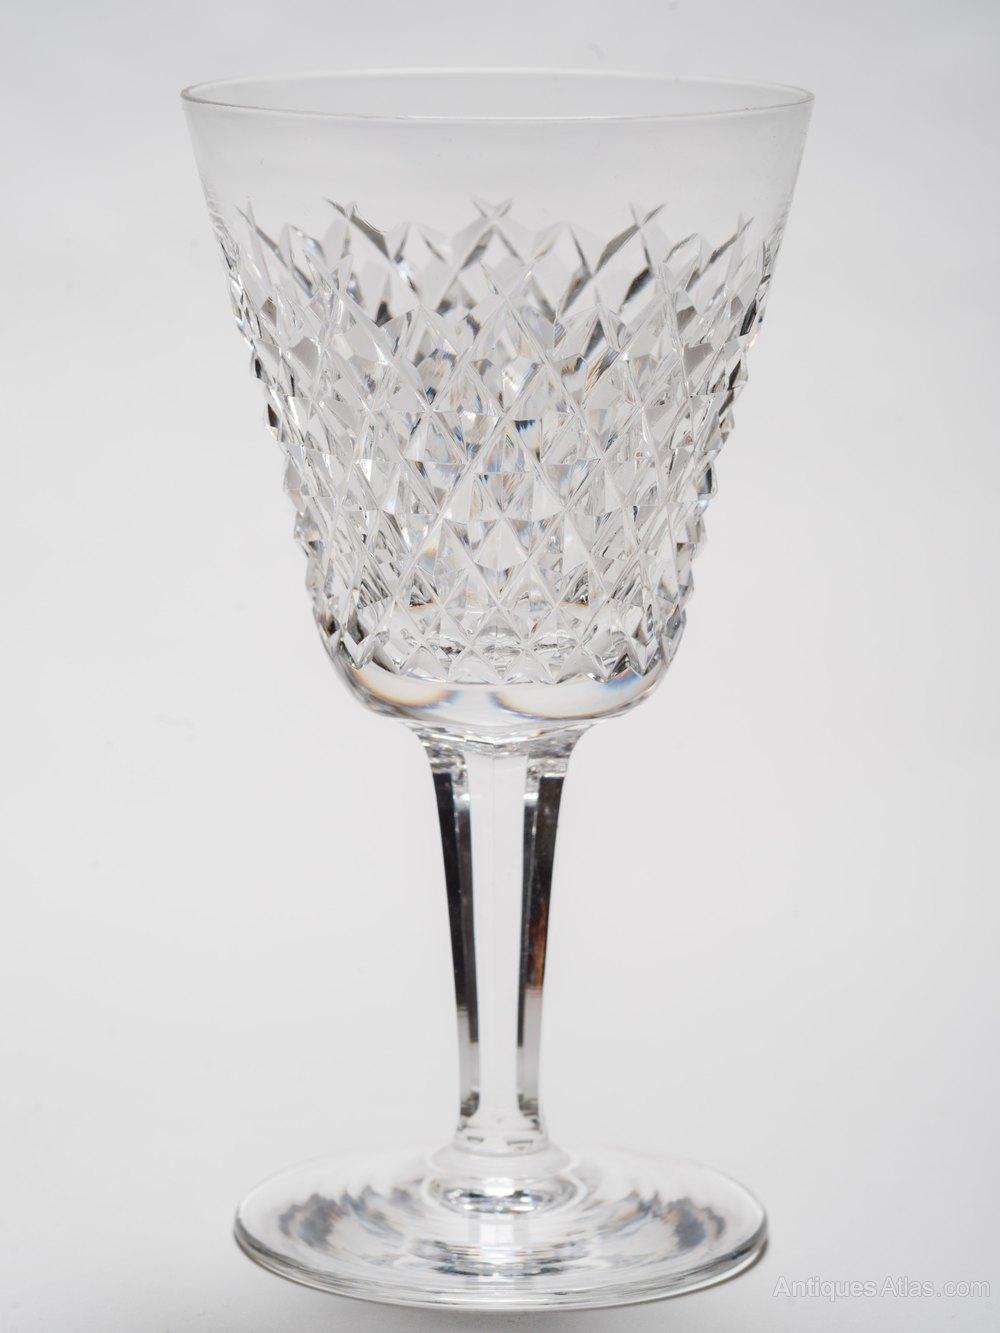 Antiques Atlas - Set Of 8 Vintage Waterford Crystal Wine ...